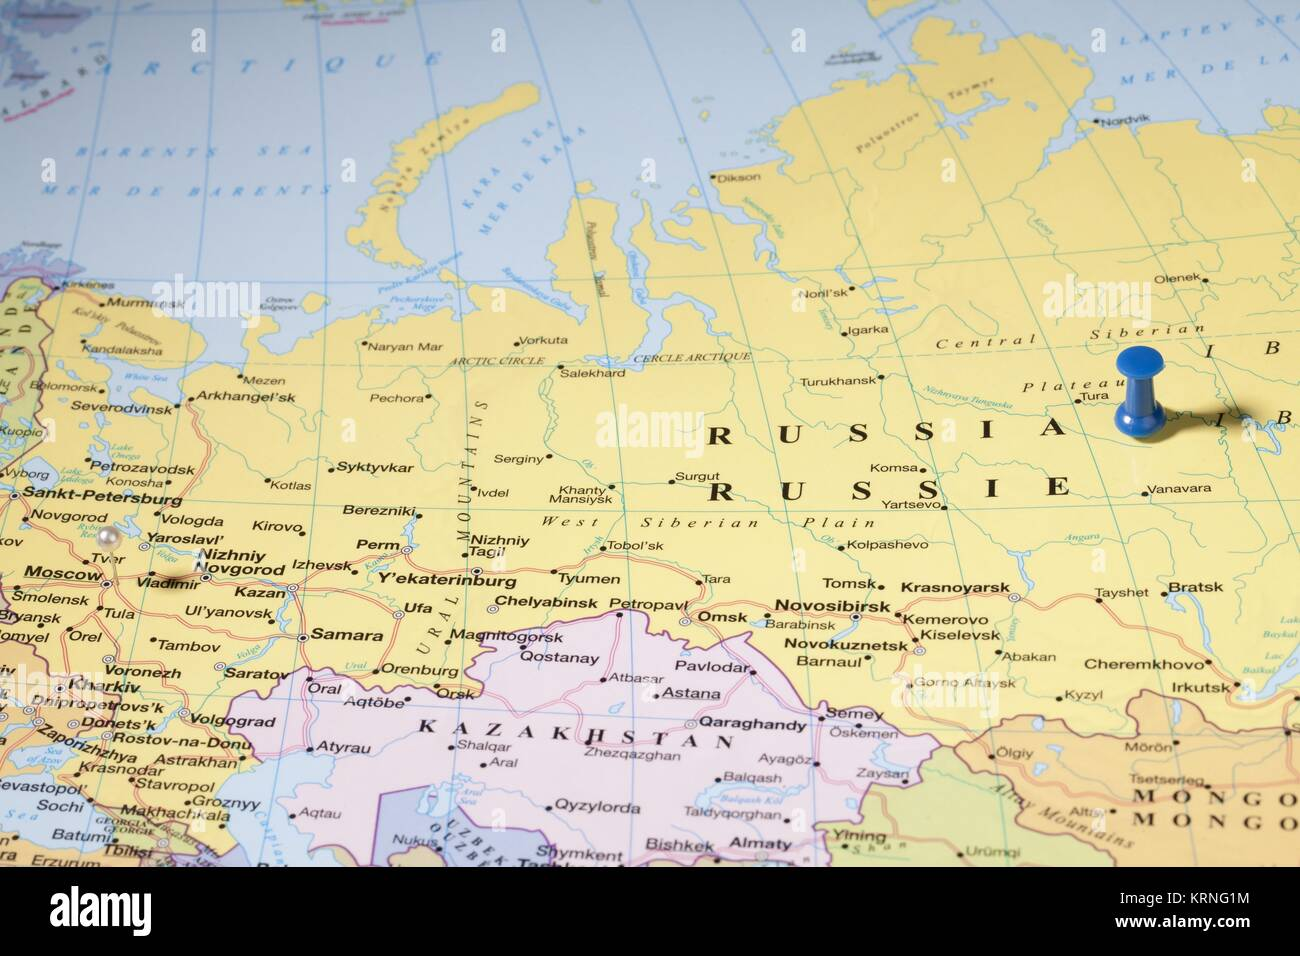 27 Latitude And Longitude World Map